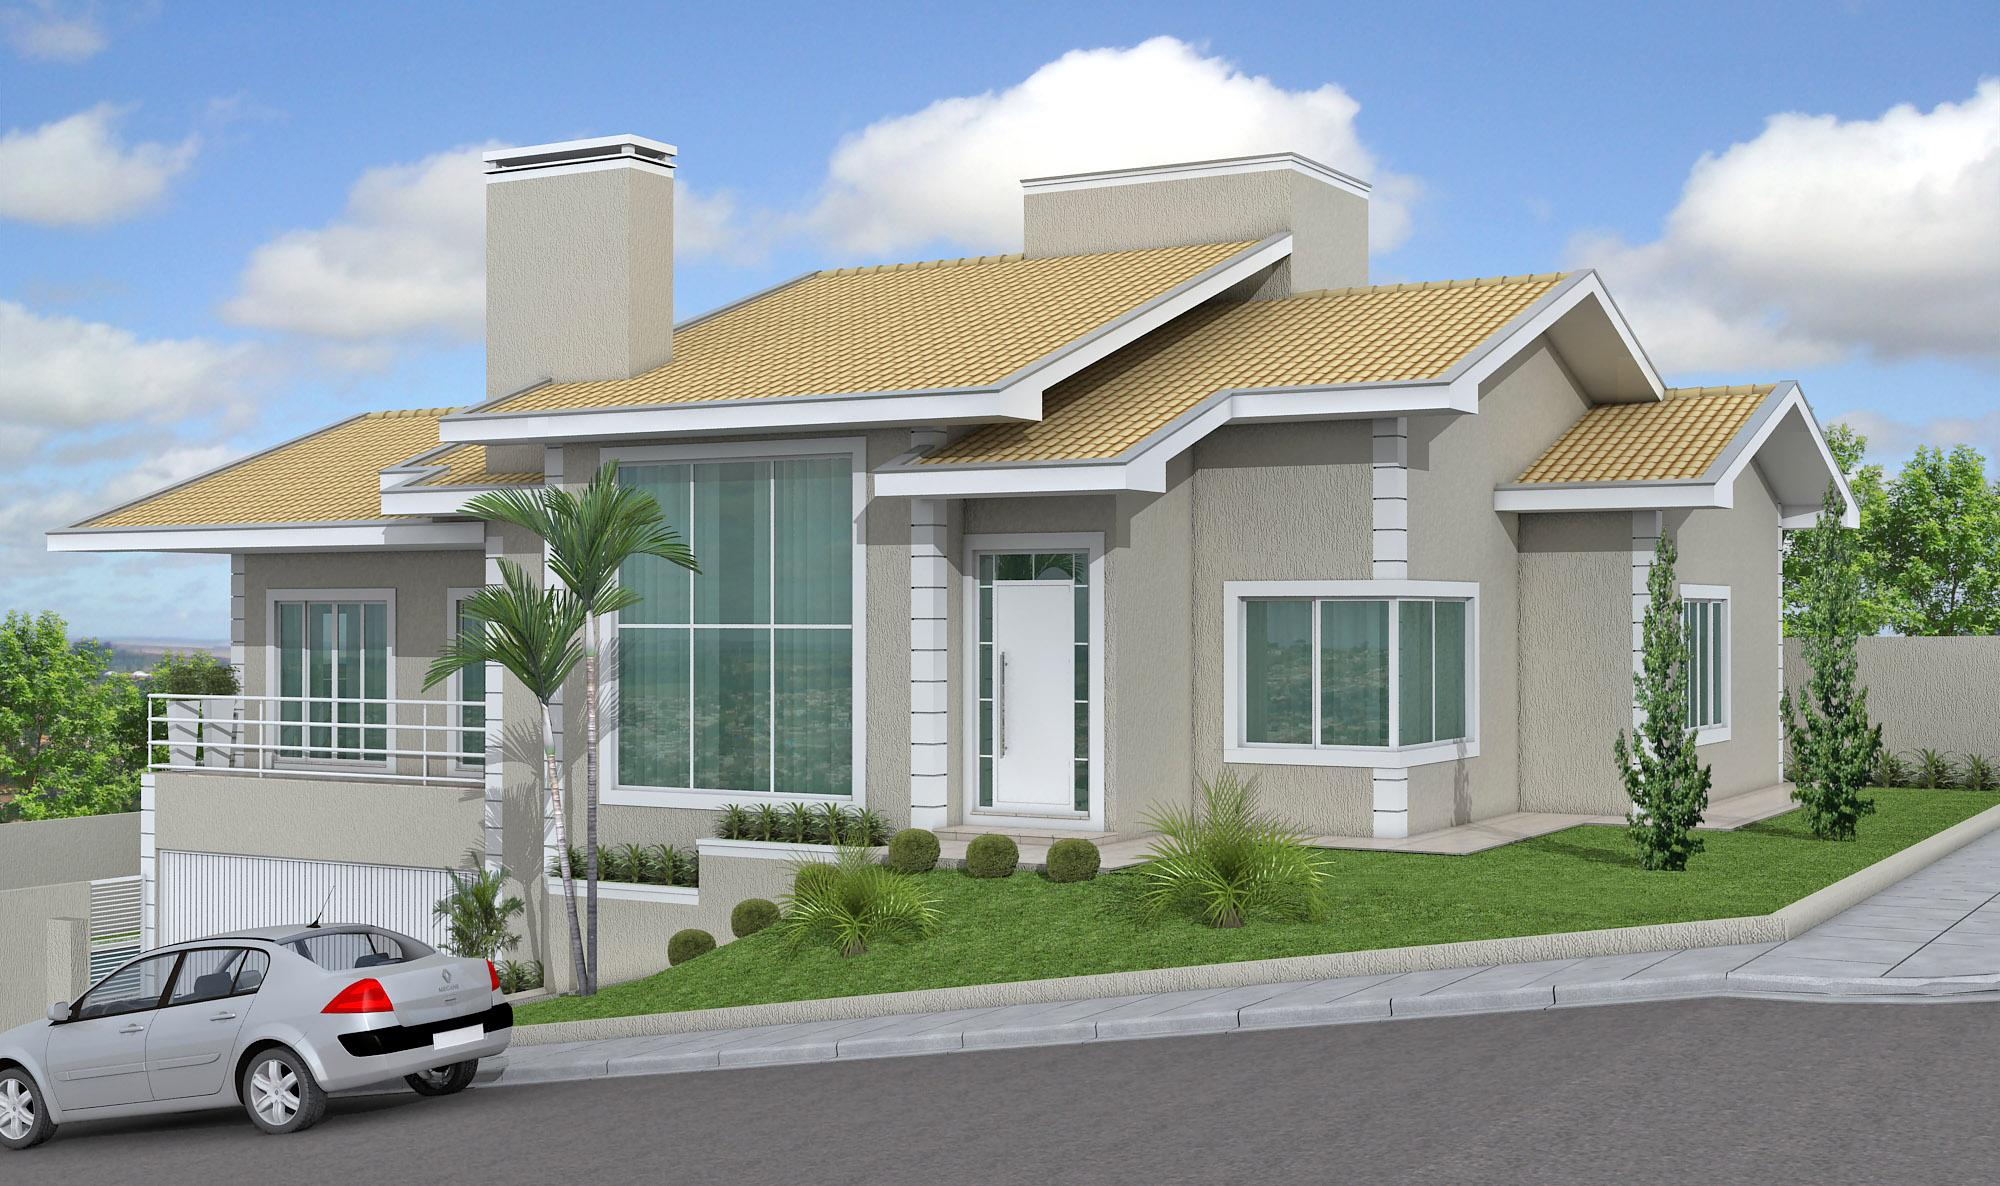 50 fachadas de casas de esquina lindas e inspiradoras for Modelos de fachadas de casas